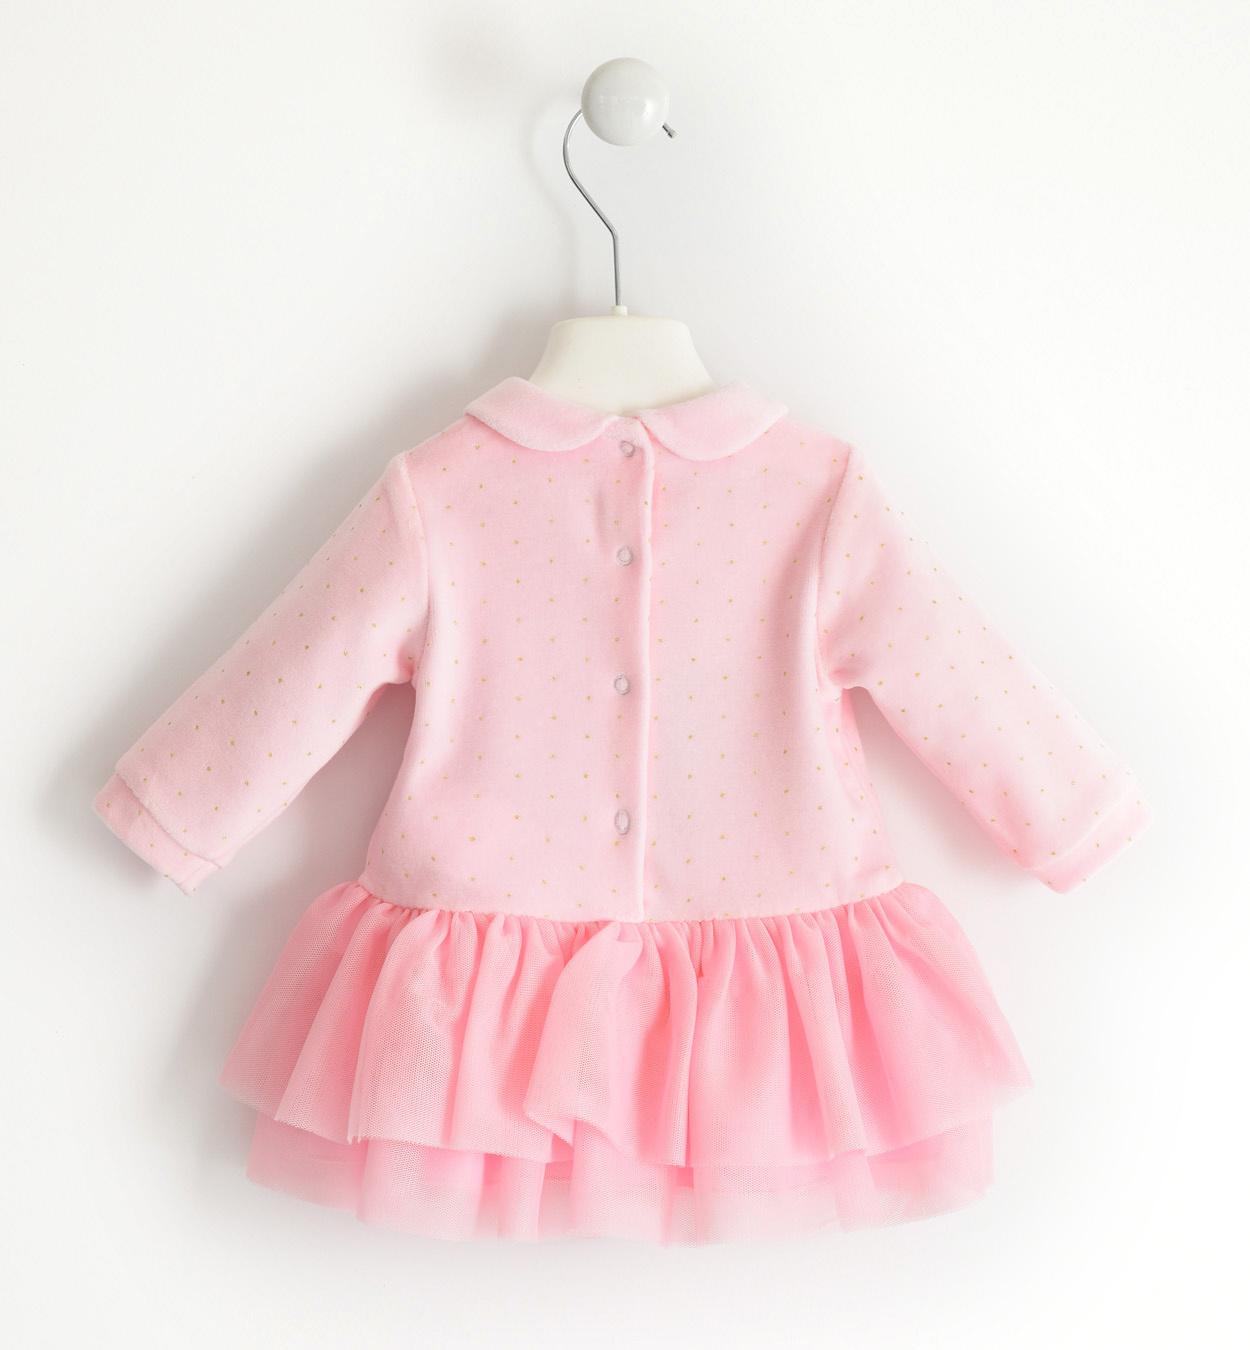 Ido iDO Pink Velour Dress - 43242